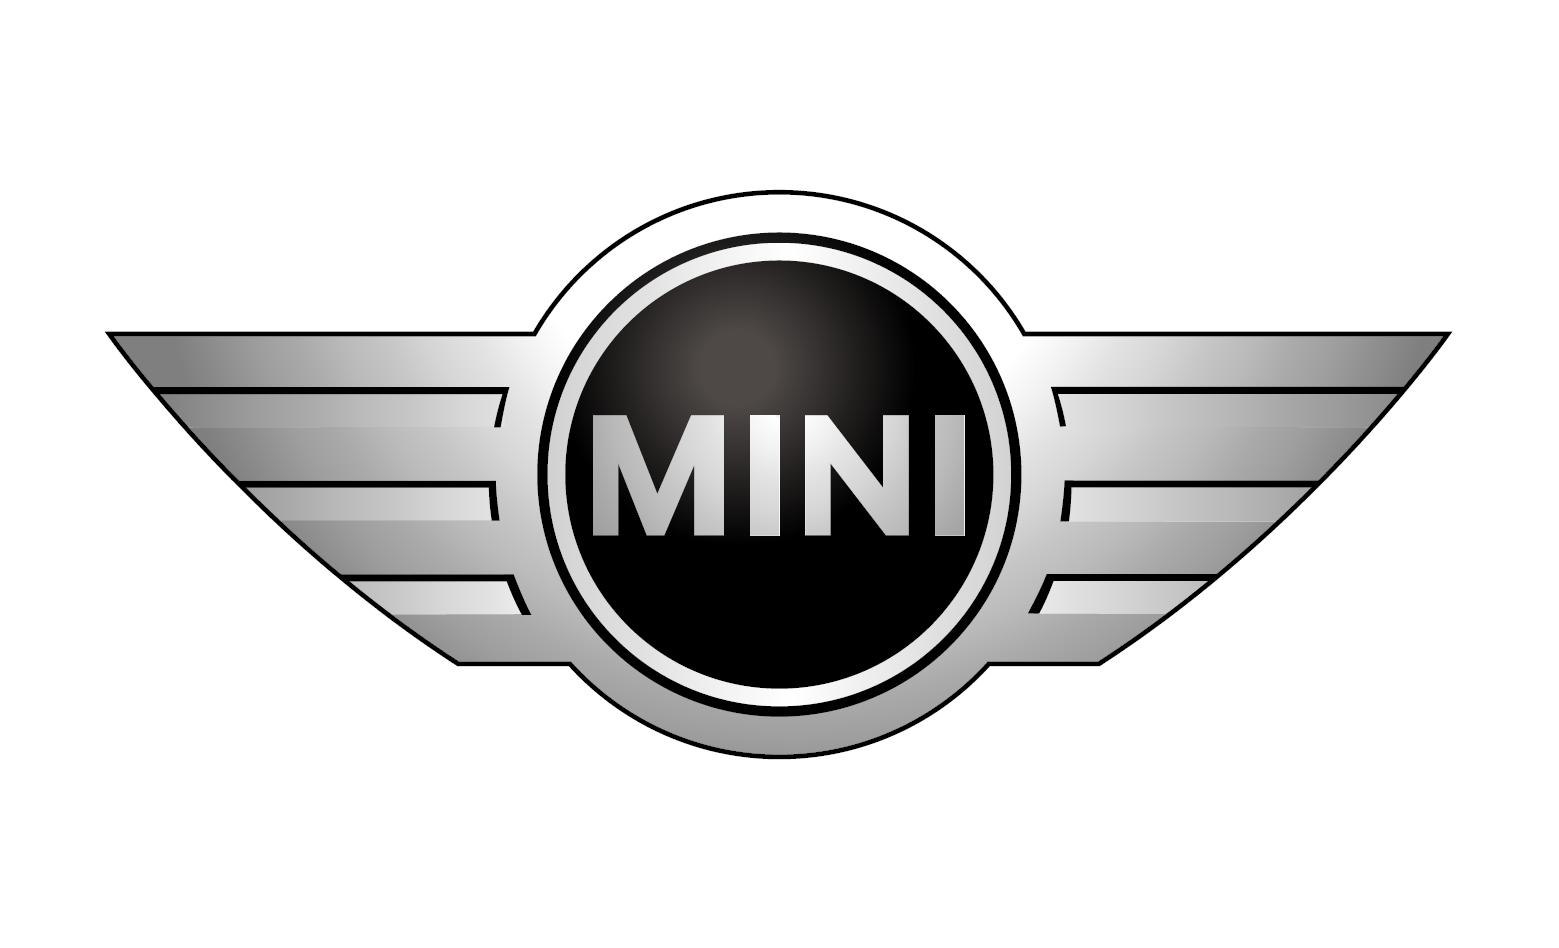 Mini Badge Mini Coper Mini Logos